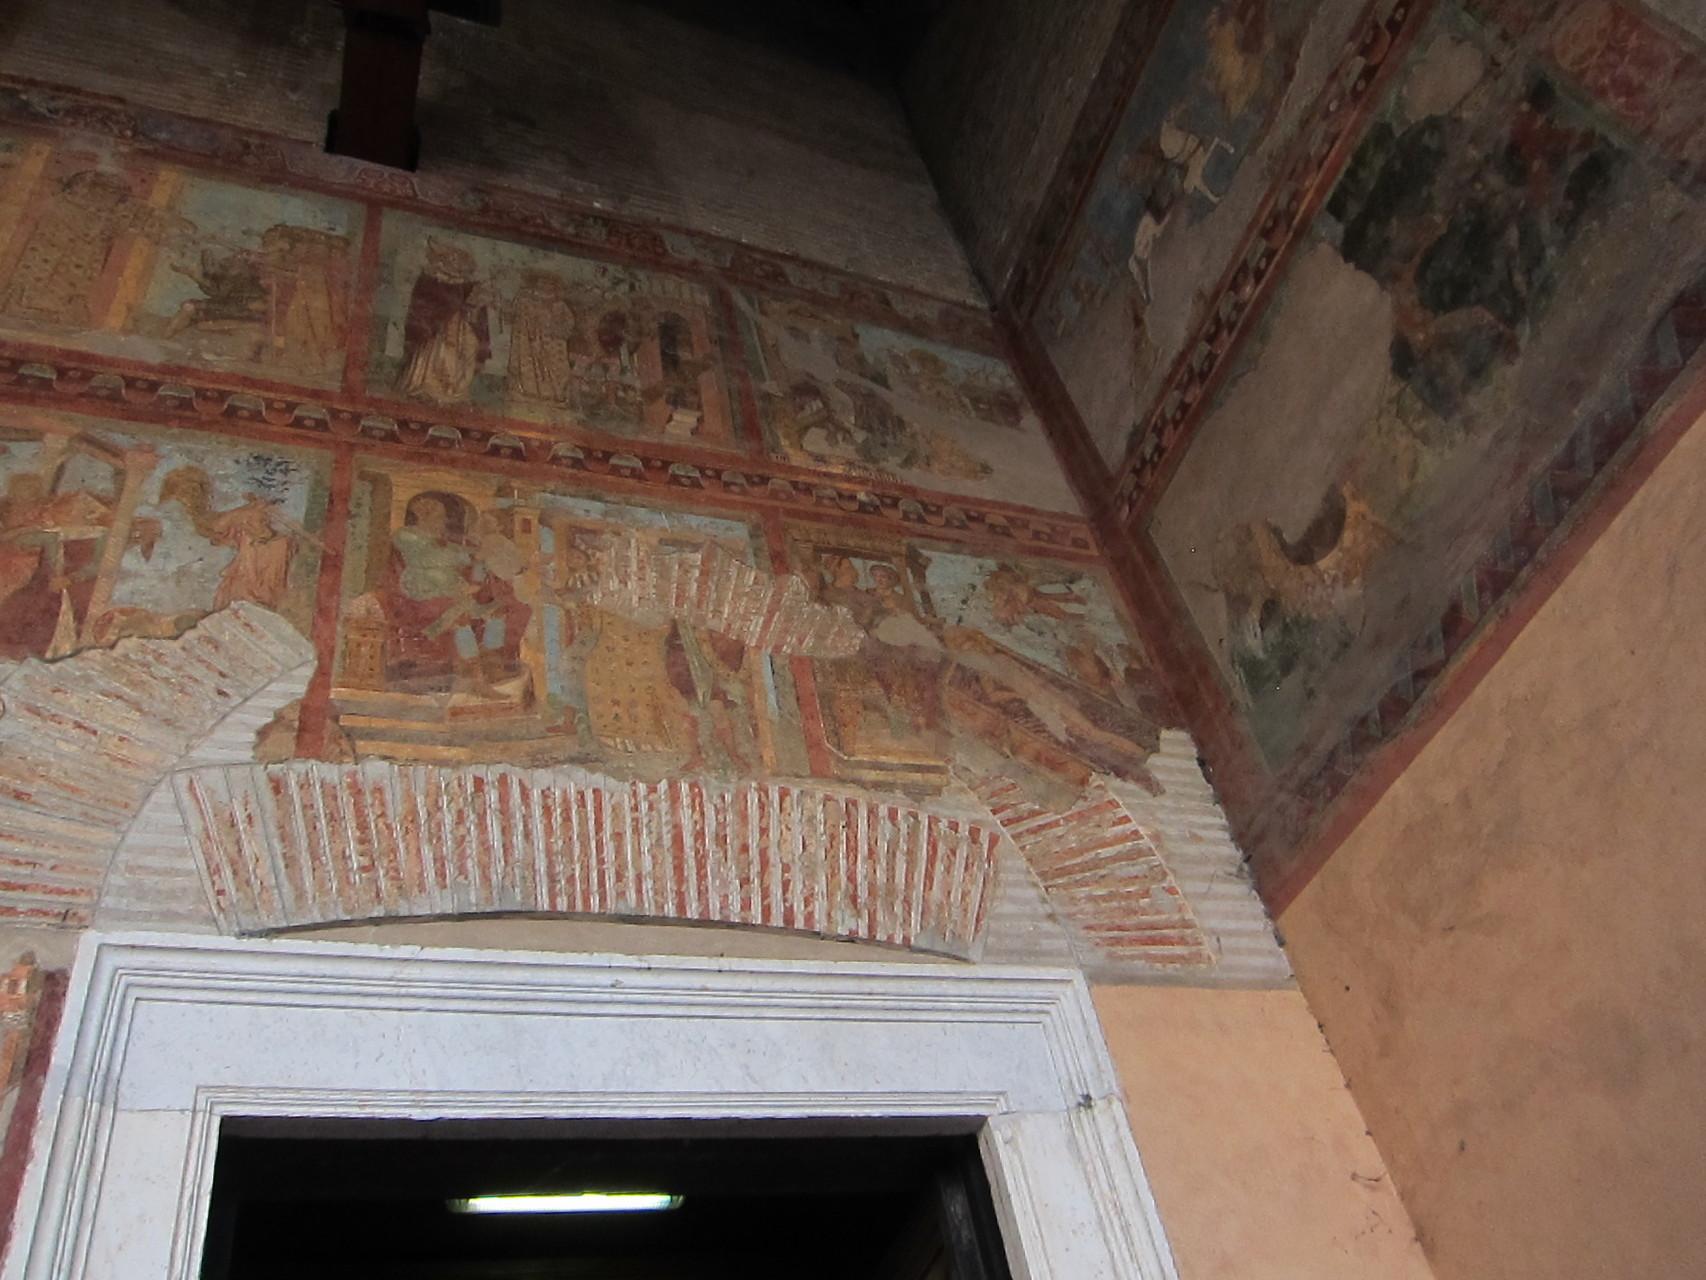 網焼きで殉教した聖ロレンツオの様子が描かれています